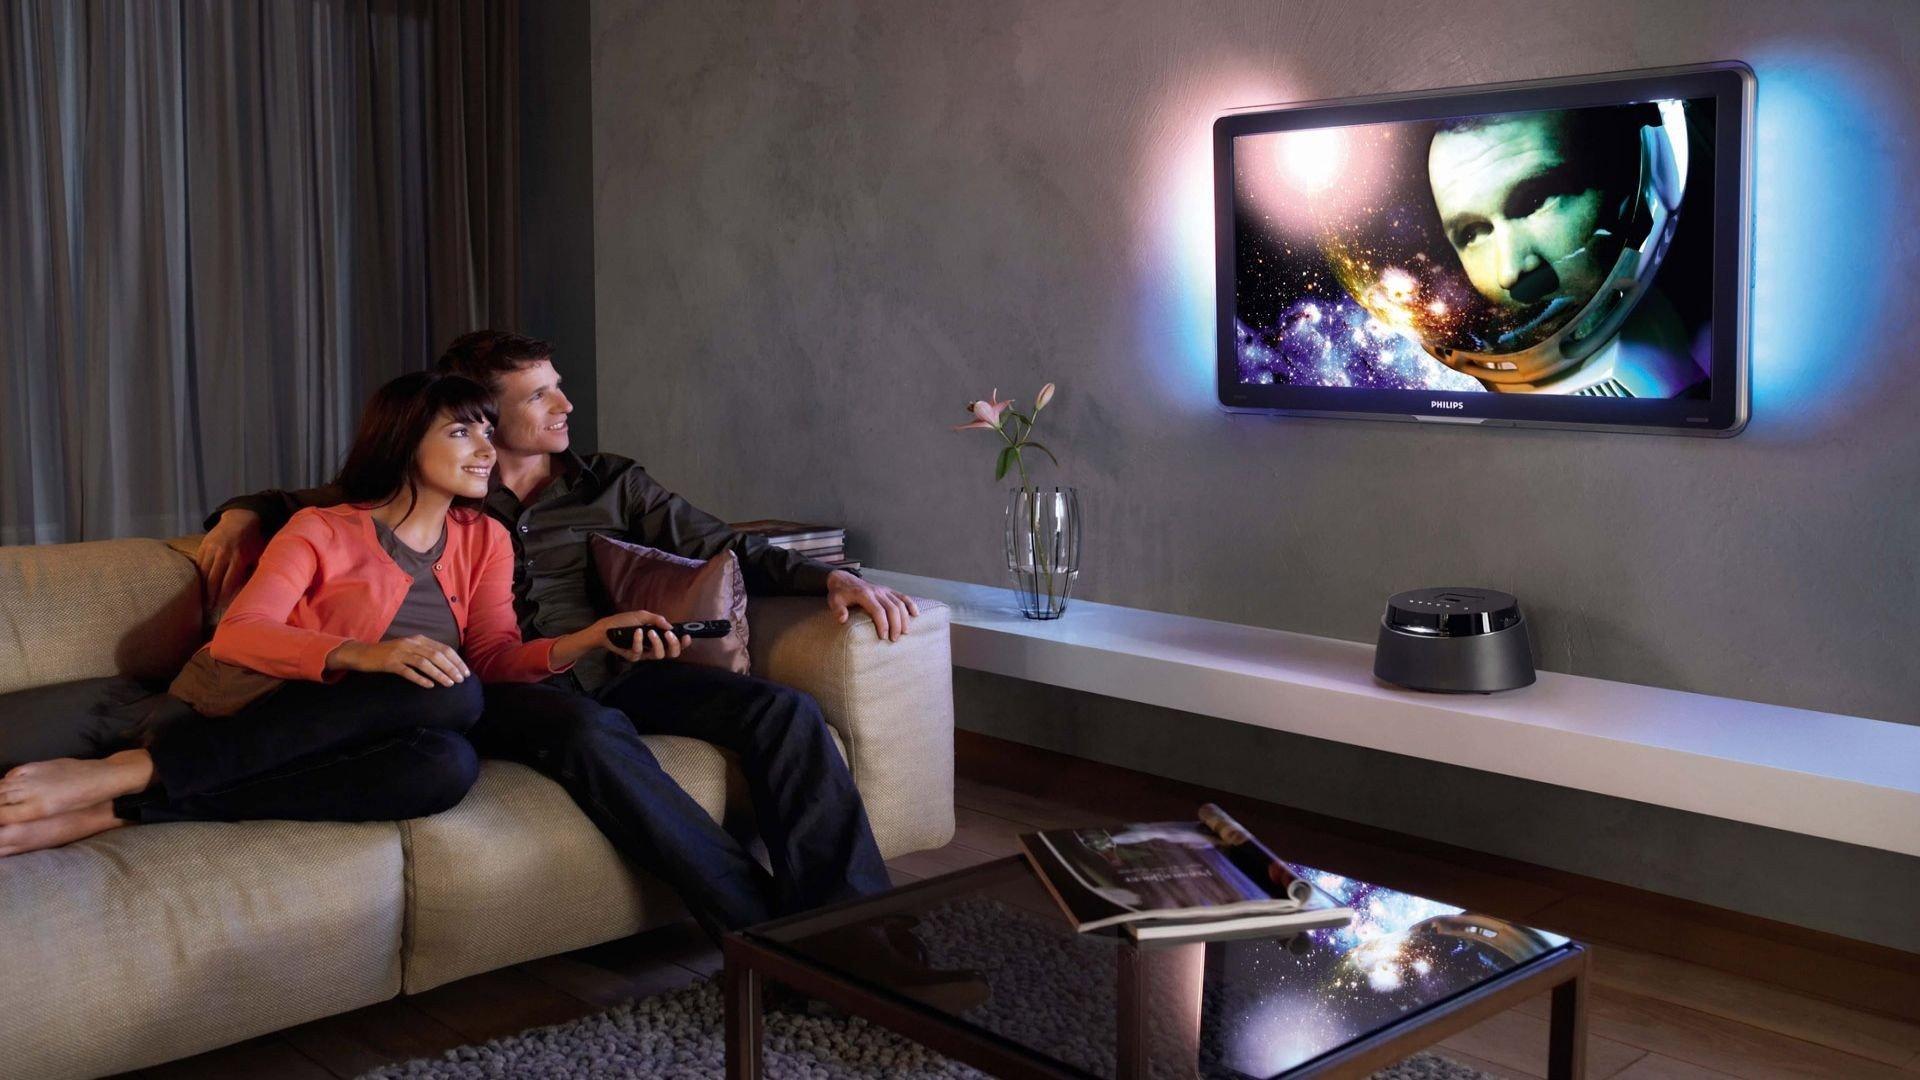 La televisión y la vista